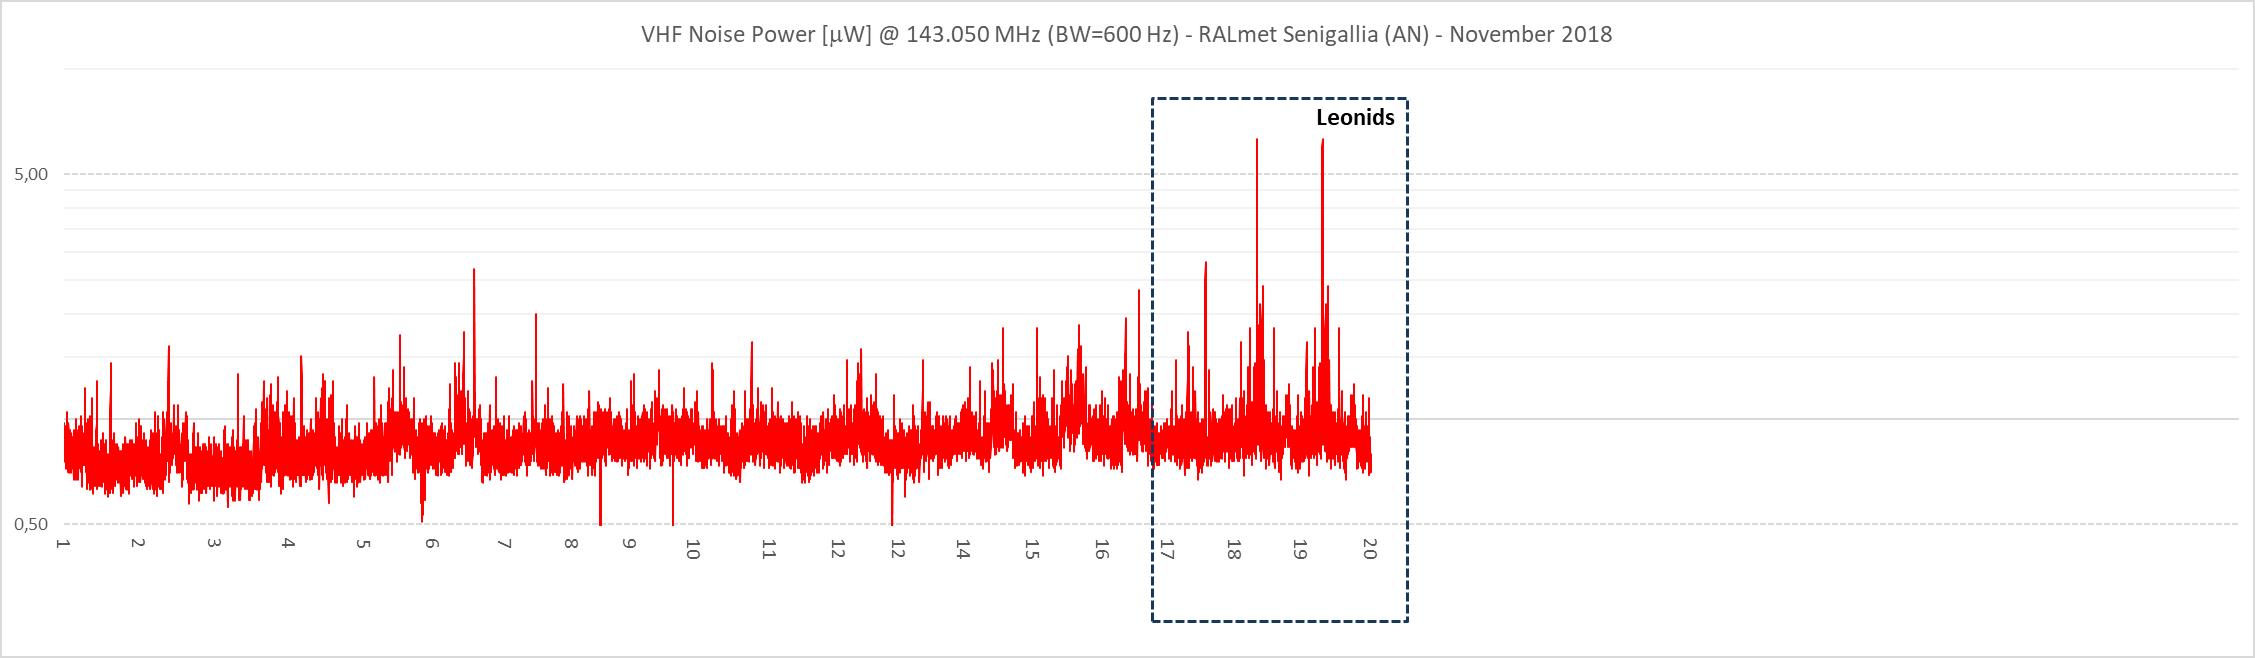 Potenza di rumore misurata dalla stazione ricevente dal 1 al 19 Novembre 2018.